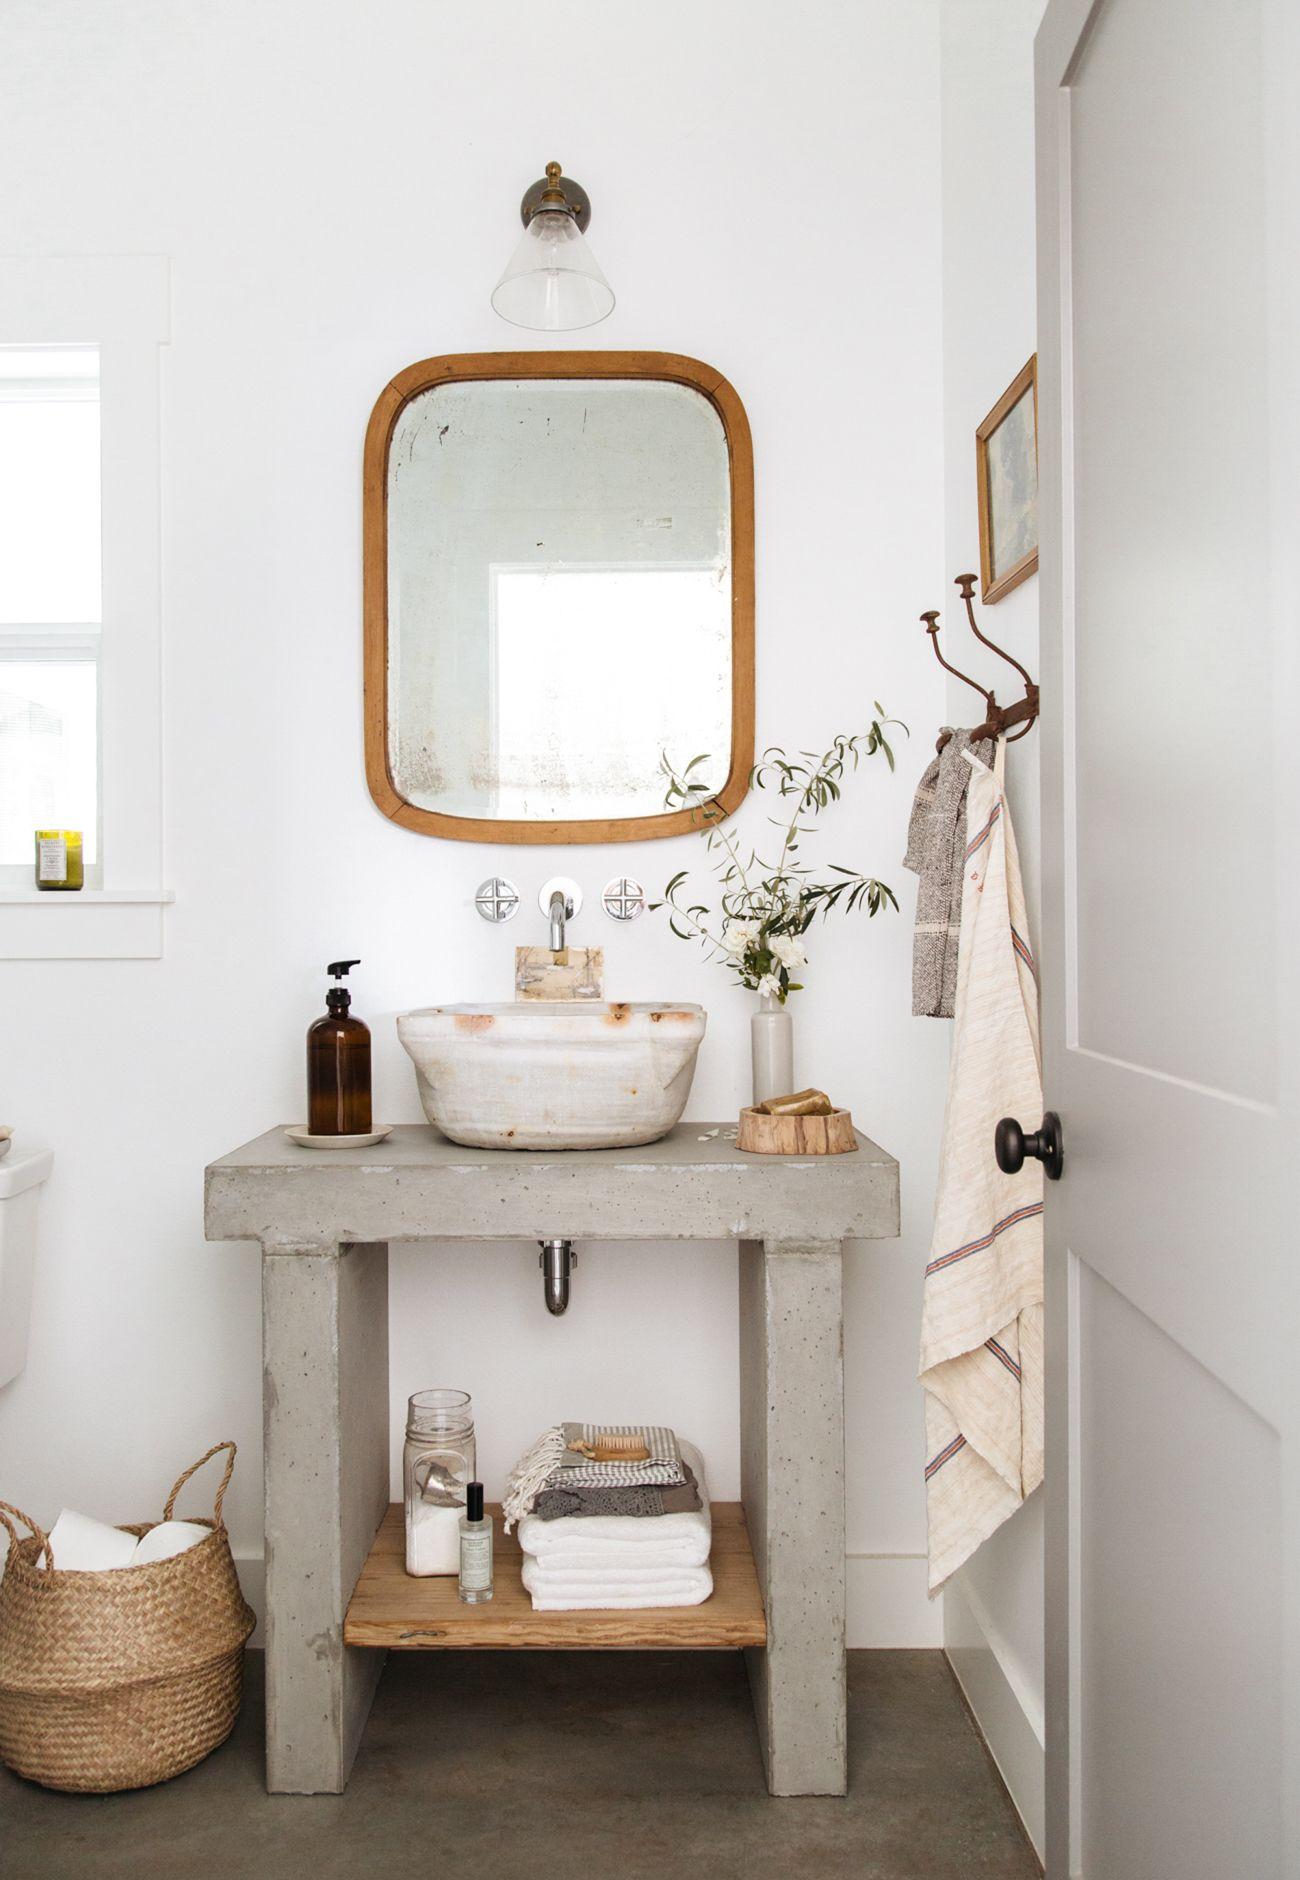 Modern Rustic Studio Bath Small Bathroom Decor Shabby Chic